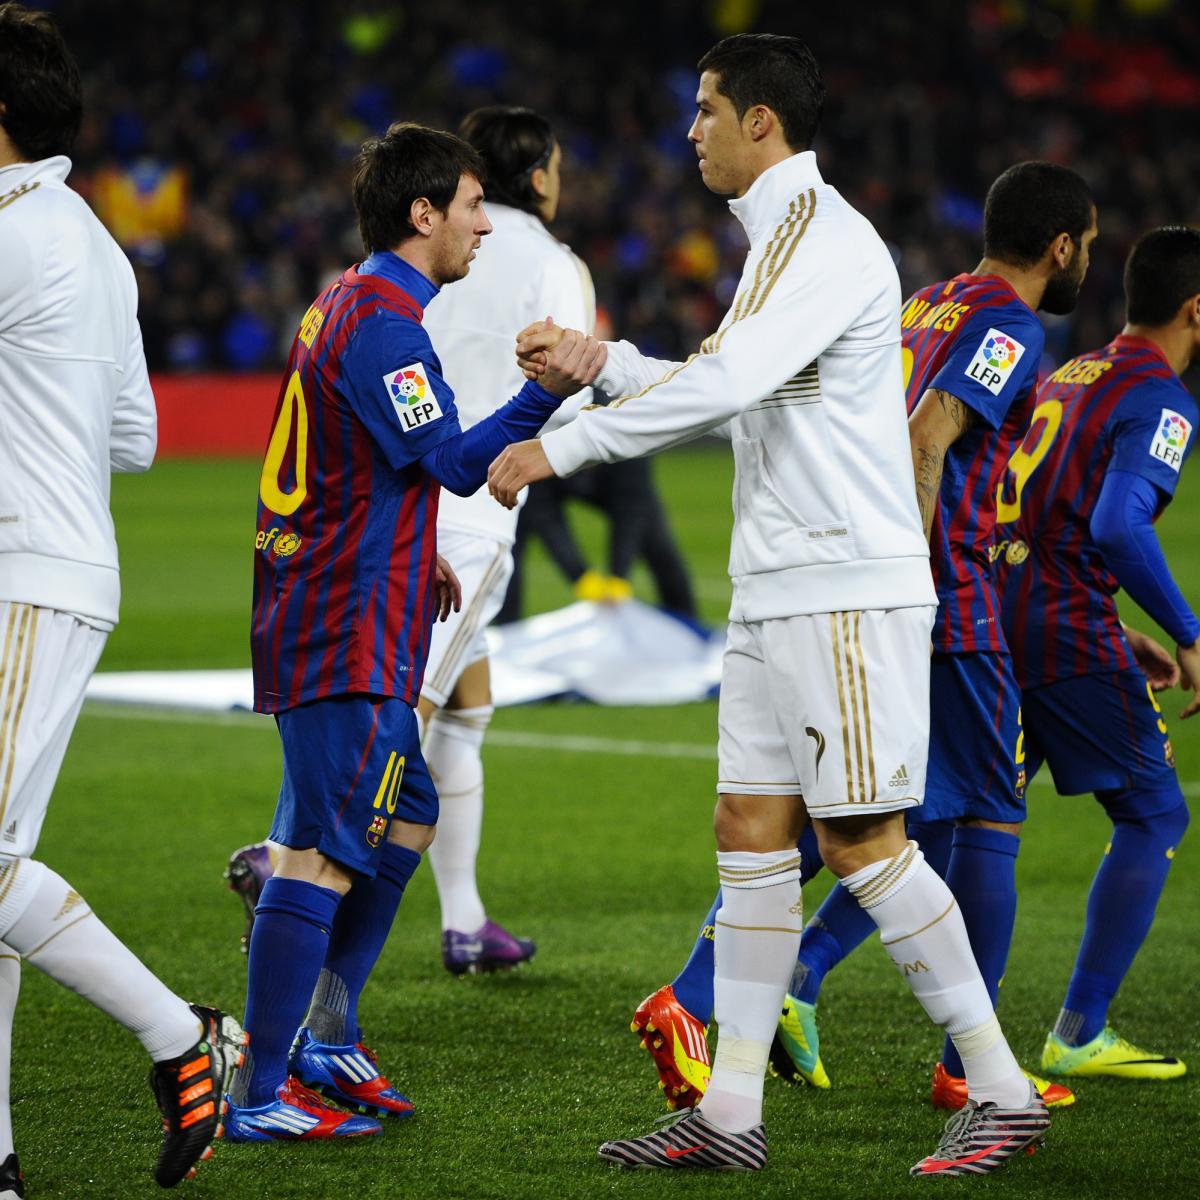 Lucas Moura Vs Barcelona: Cristiano Ronaldo Vs. Lionel Messi Would Be Dream